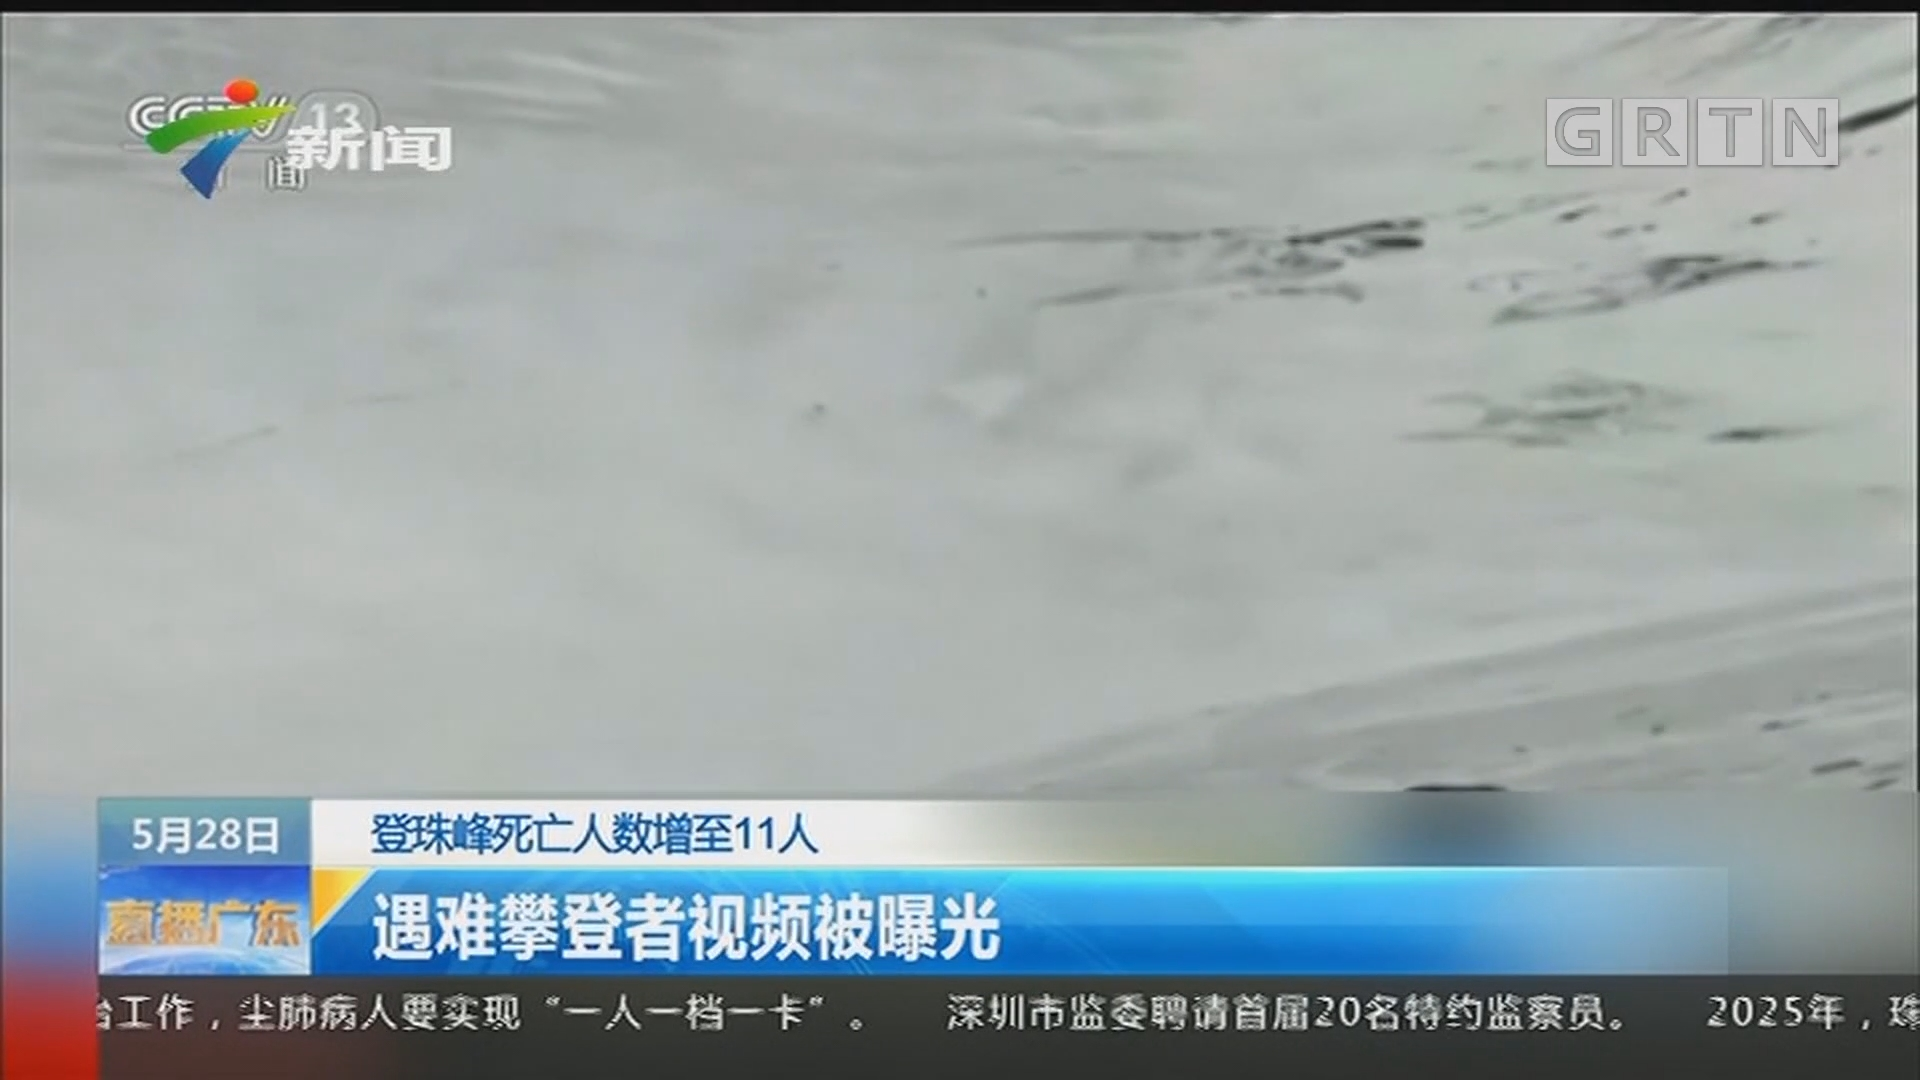 登珠峰死亡人数增至11人:遇难攀登者视频被曝光